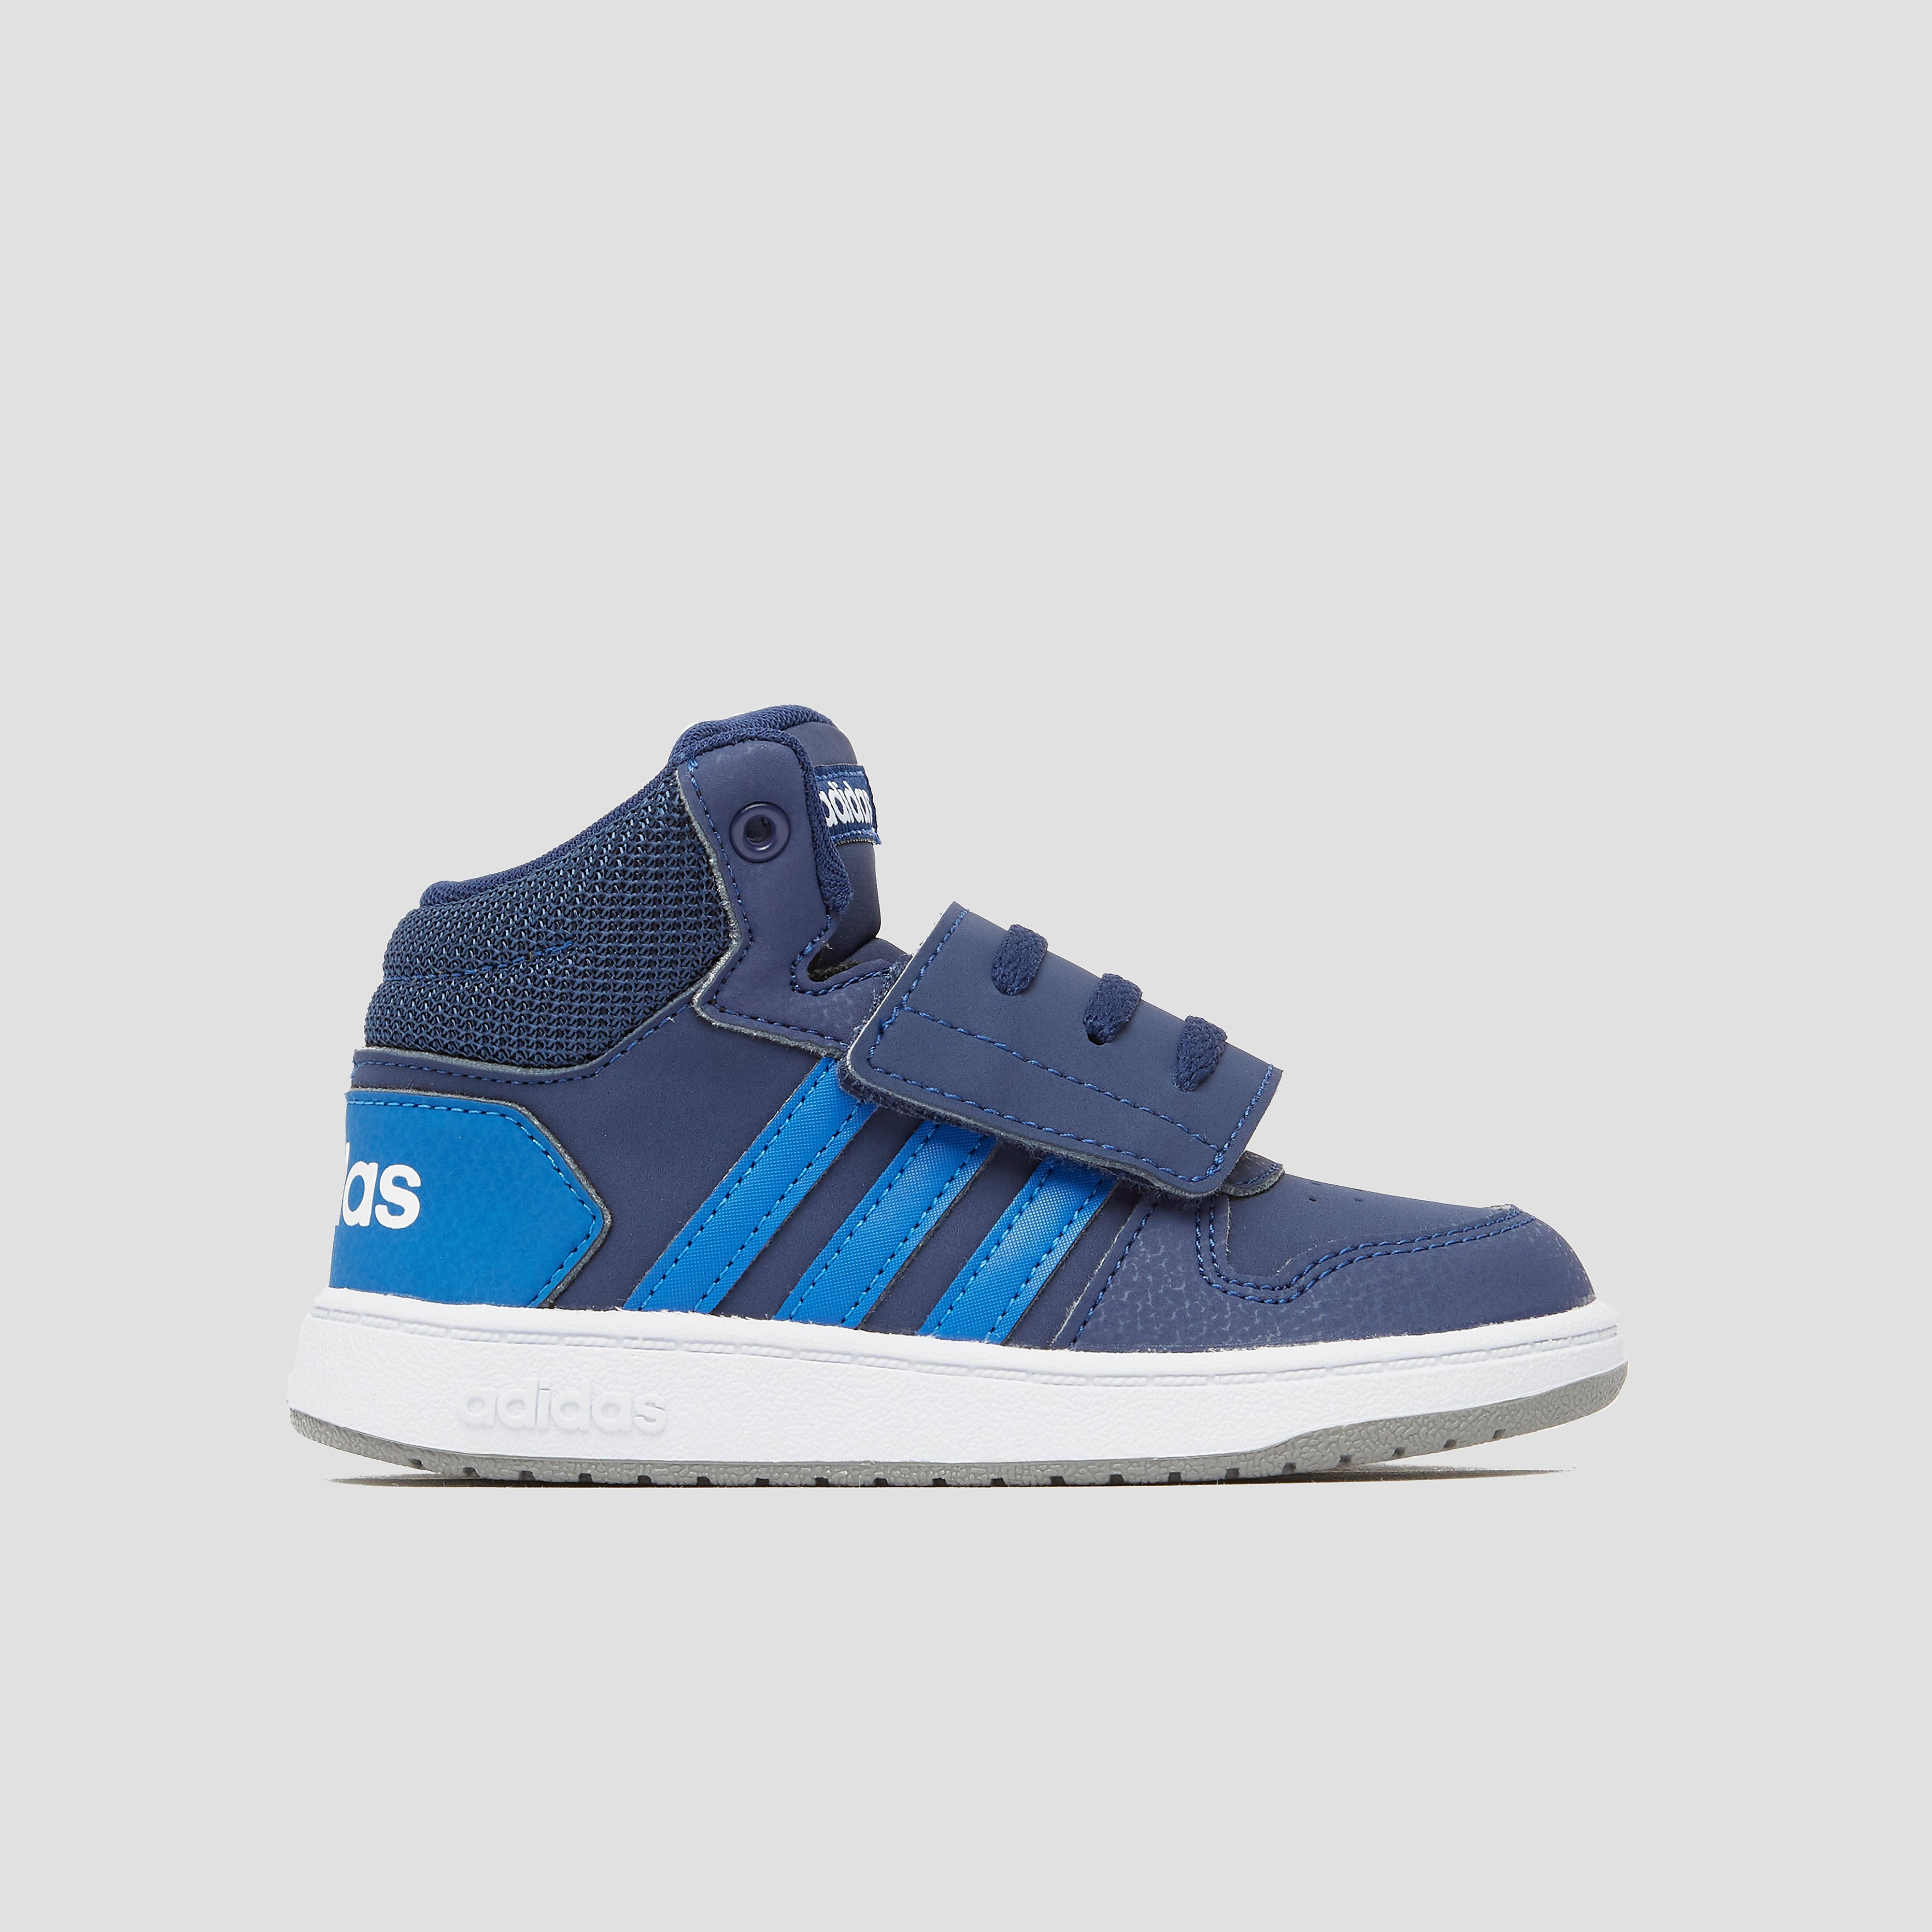 adidas Hoops mid 2.0 sneakers blauw baby Kinderen